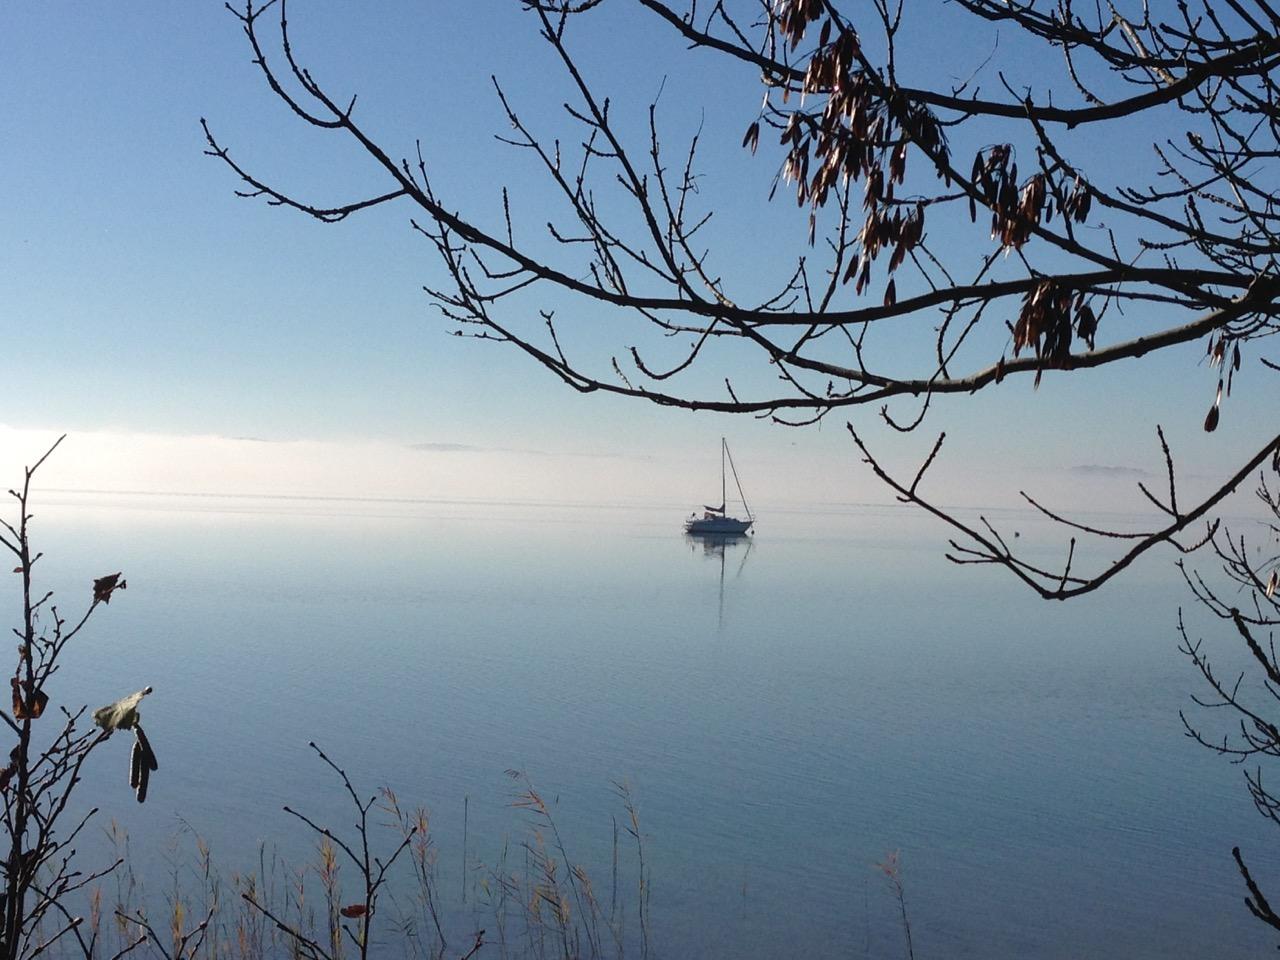 nicht immer ist der Strnberger See so friedlich, hat aer immer seine Reize